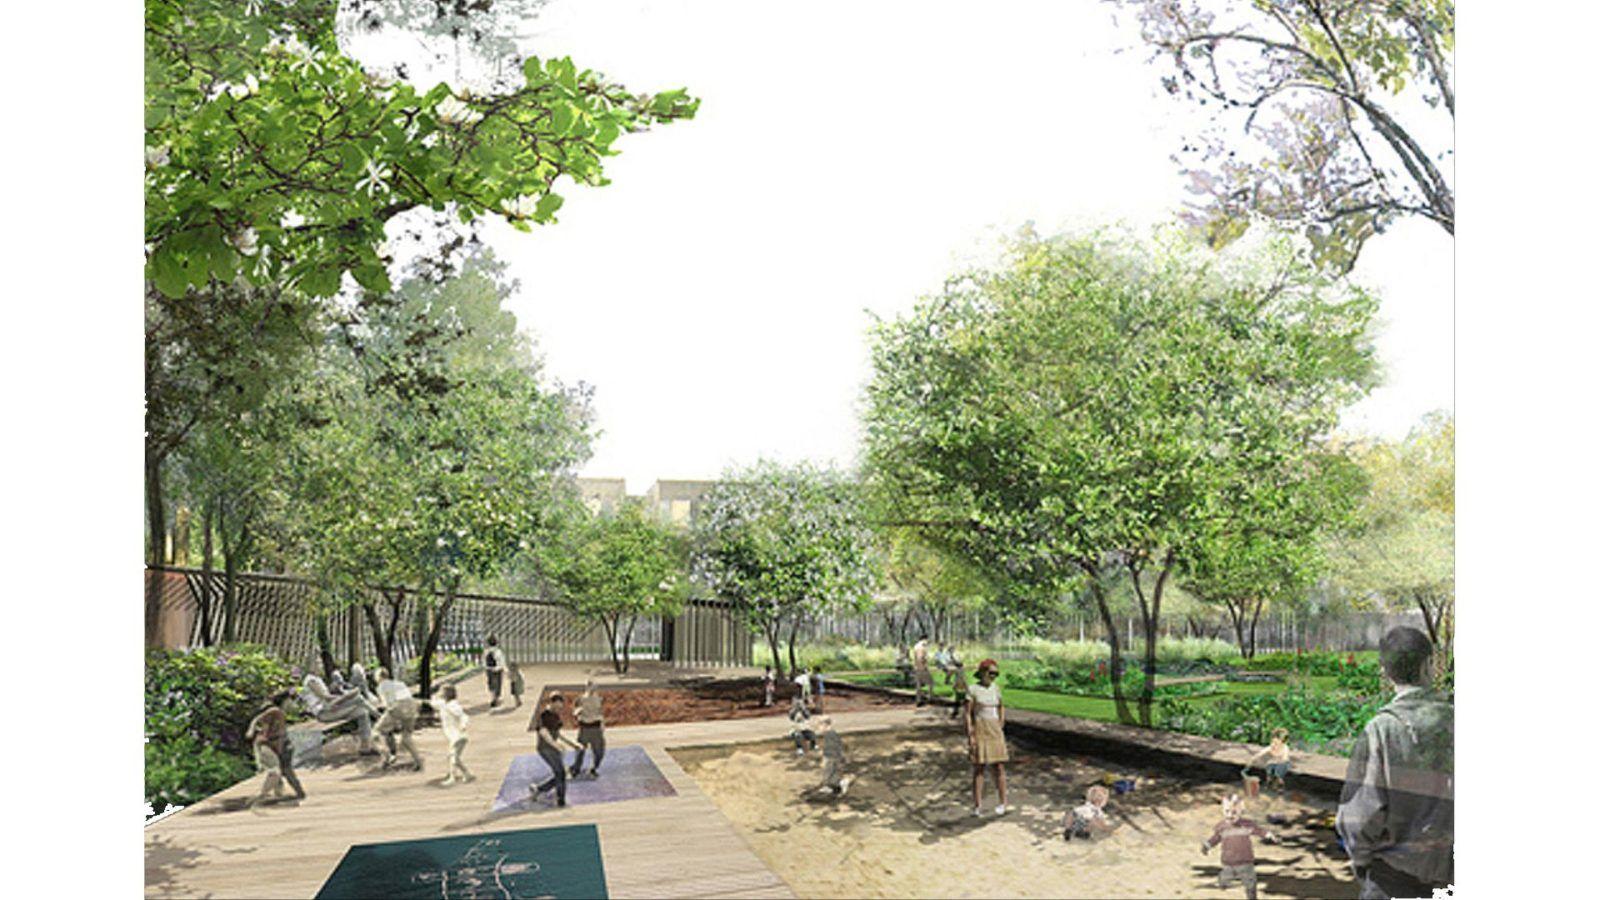 Parc public et  liaison piétonne des Archives - Mutabilis